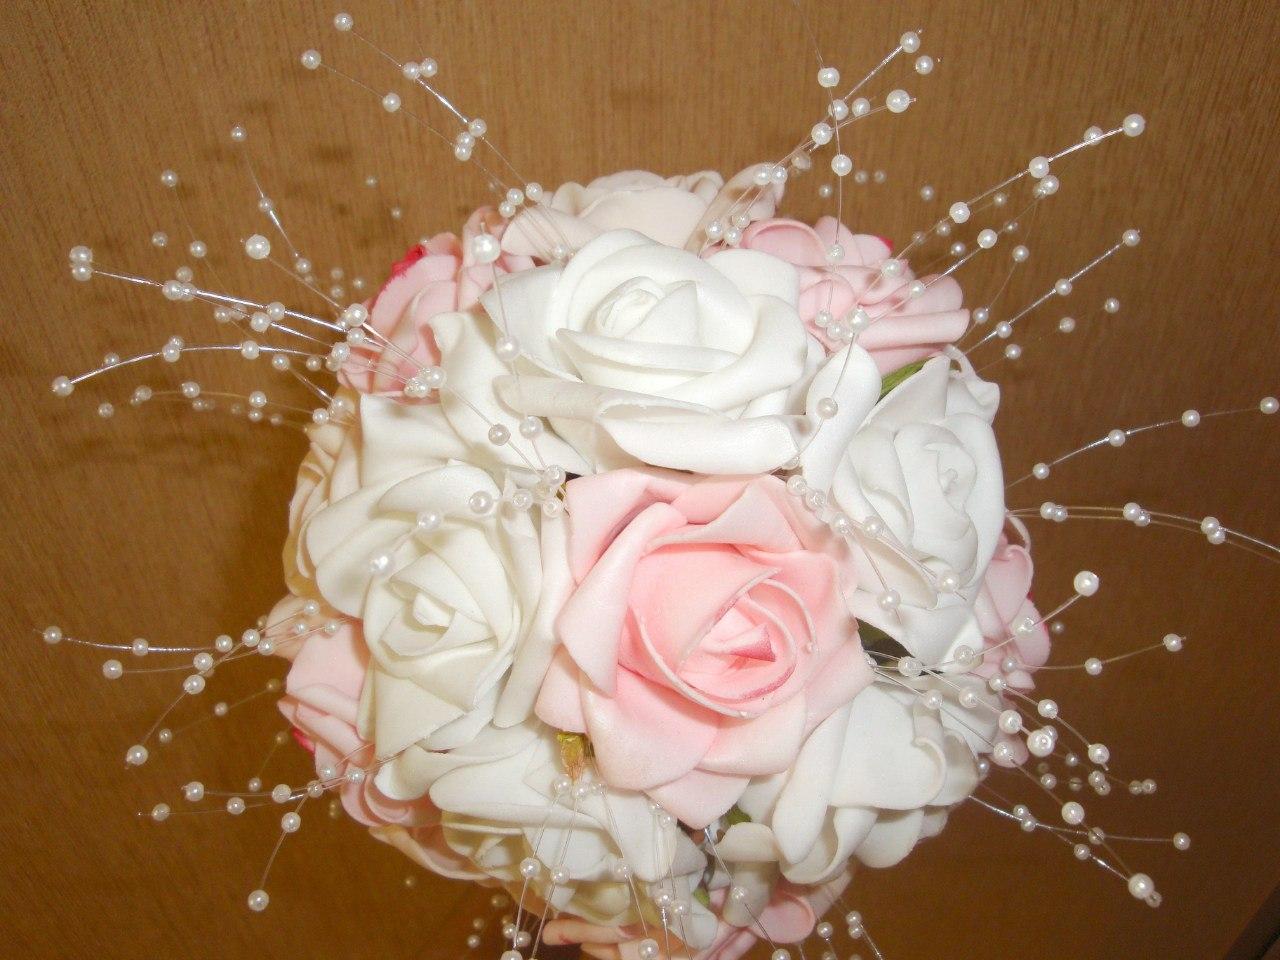 Свадебное фото 1032163 Мастерская креативных праздников на Невеста.info